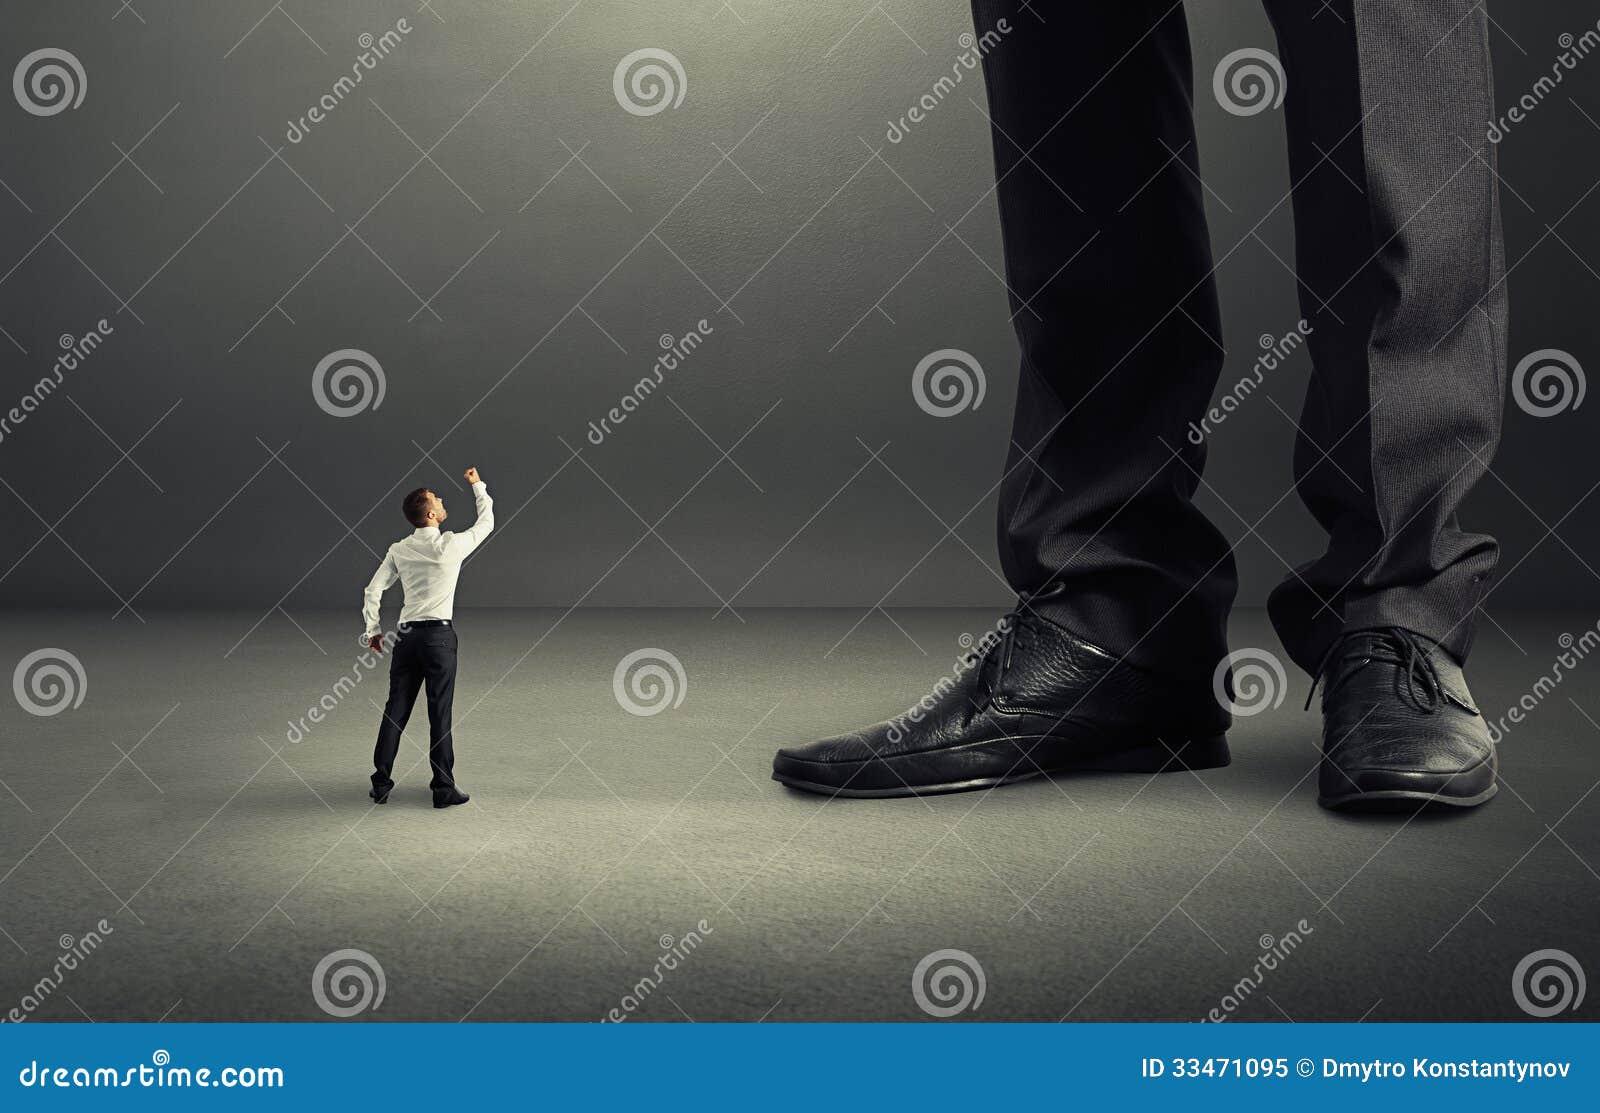 Άτομο που παρουσιάζει πυγμή στο μεγάλο προϊστάμενό του